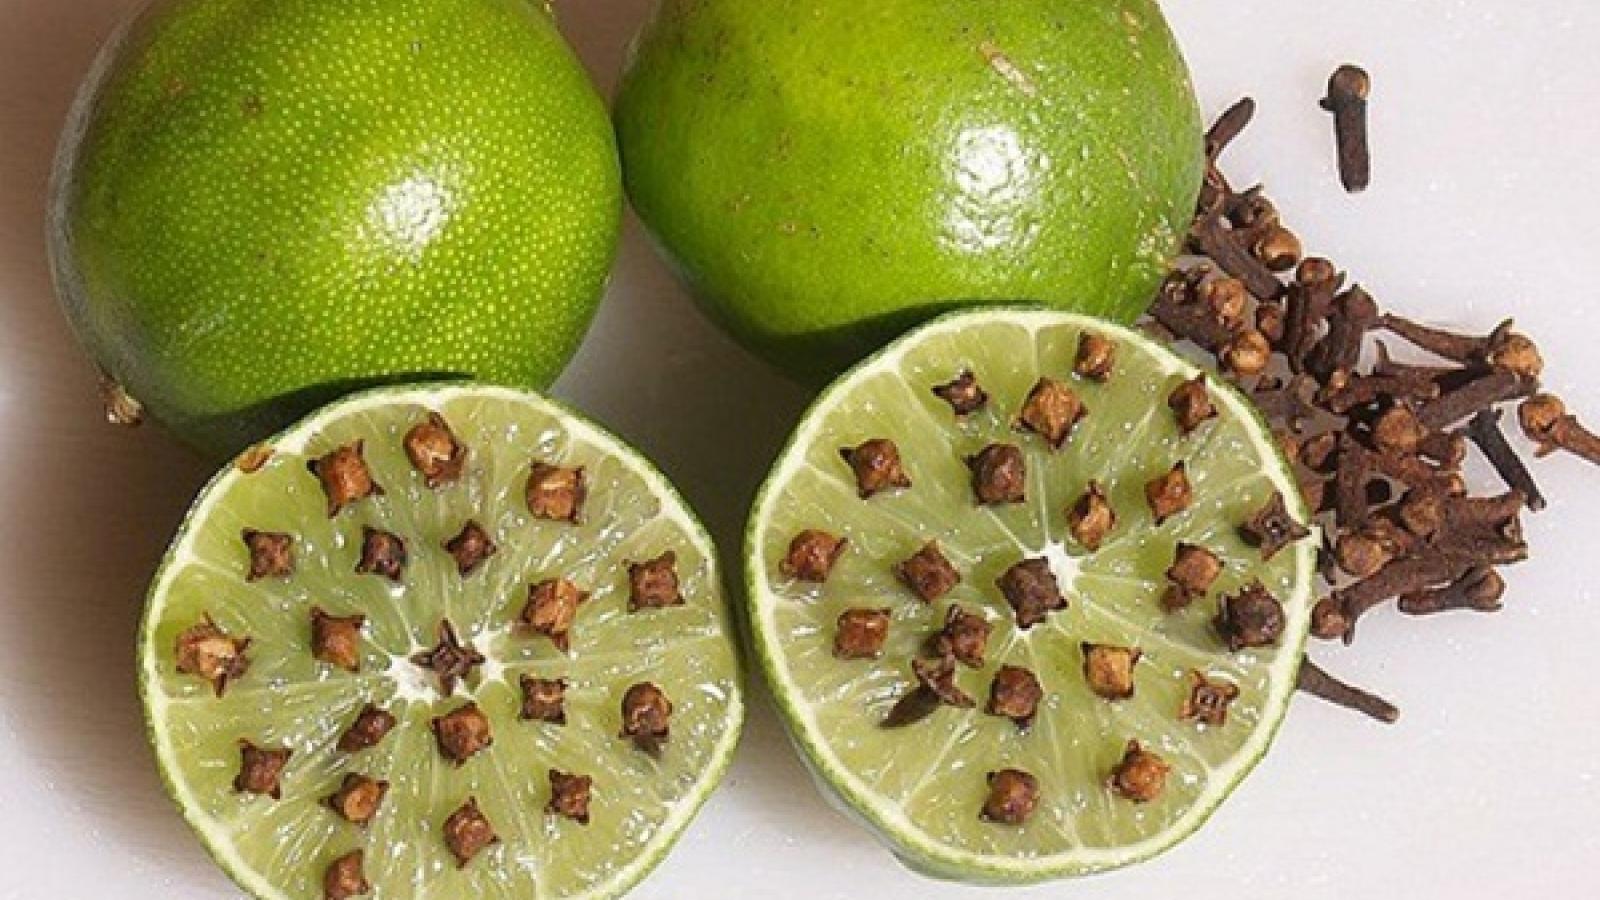 Cách trị muỗi, kiến, gián đầy hữu hiệu và an toàn chỉ bằng 1 quả chanh leo